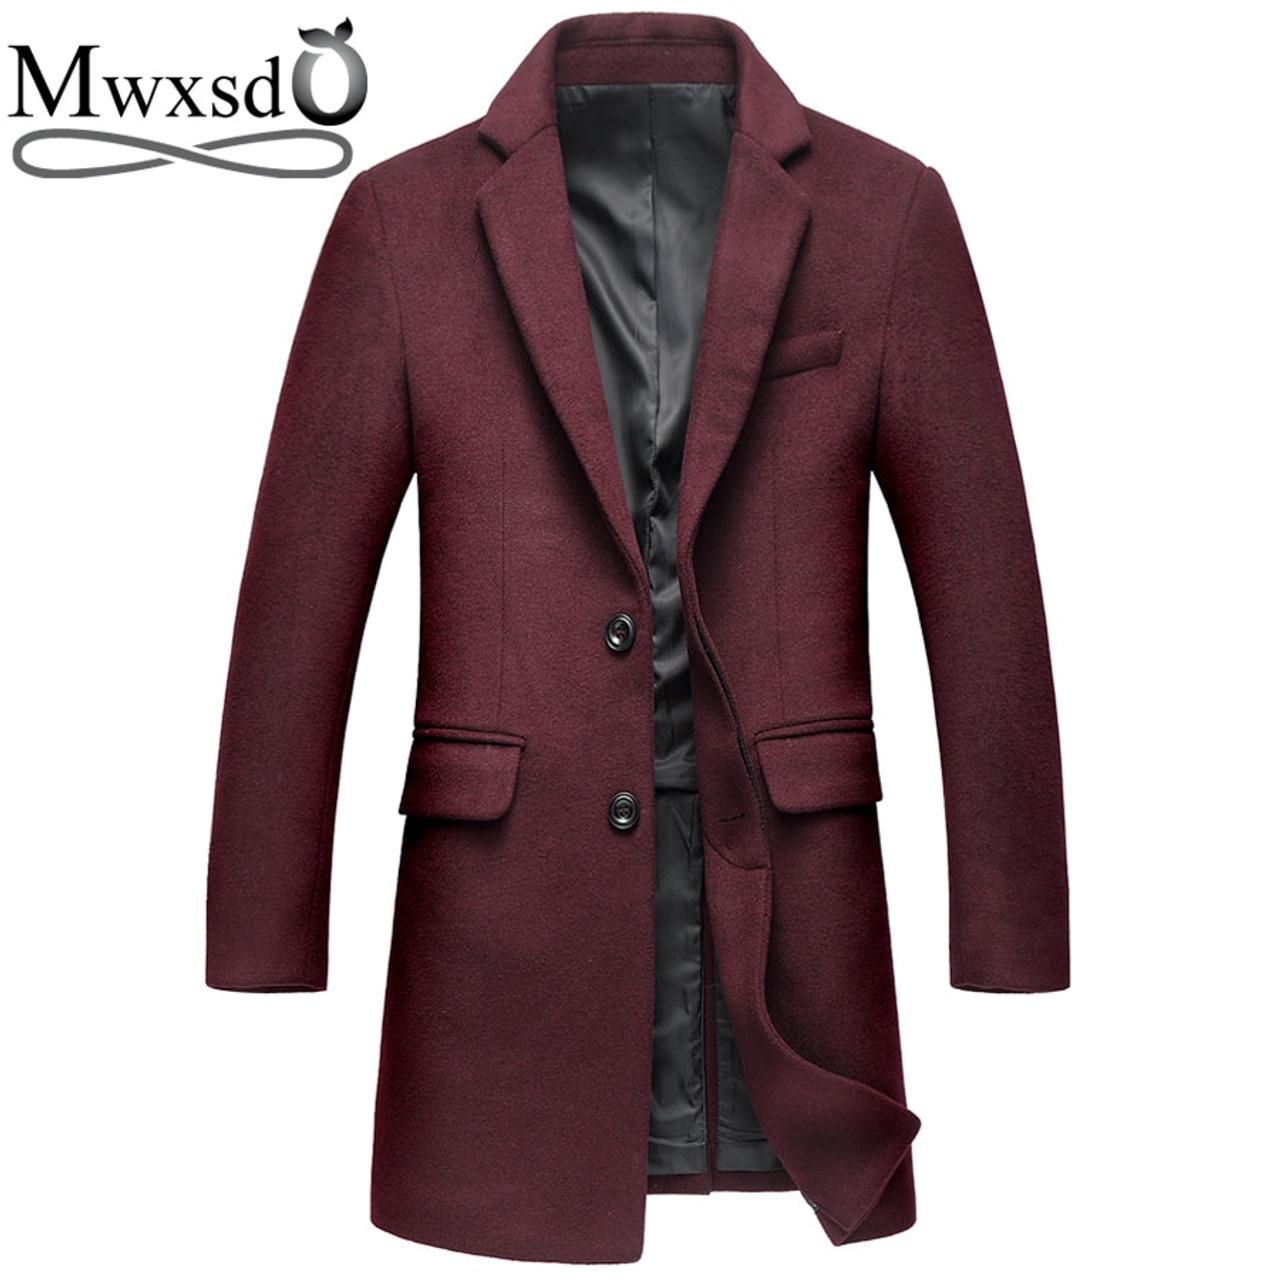 77e918698 Mwxsd brand winter casual Wool coat for men Middle long woolen topcoat  jacket male warm Overcoat ...